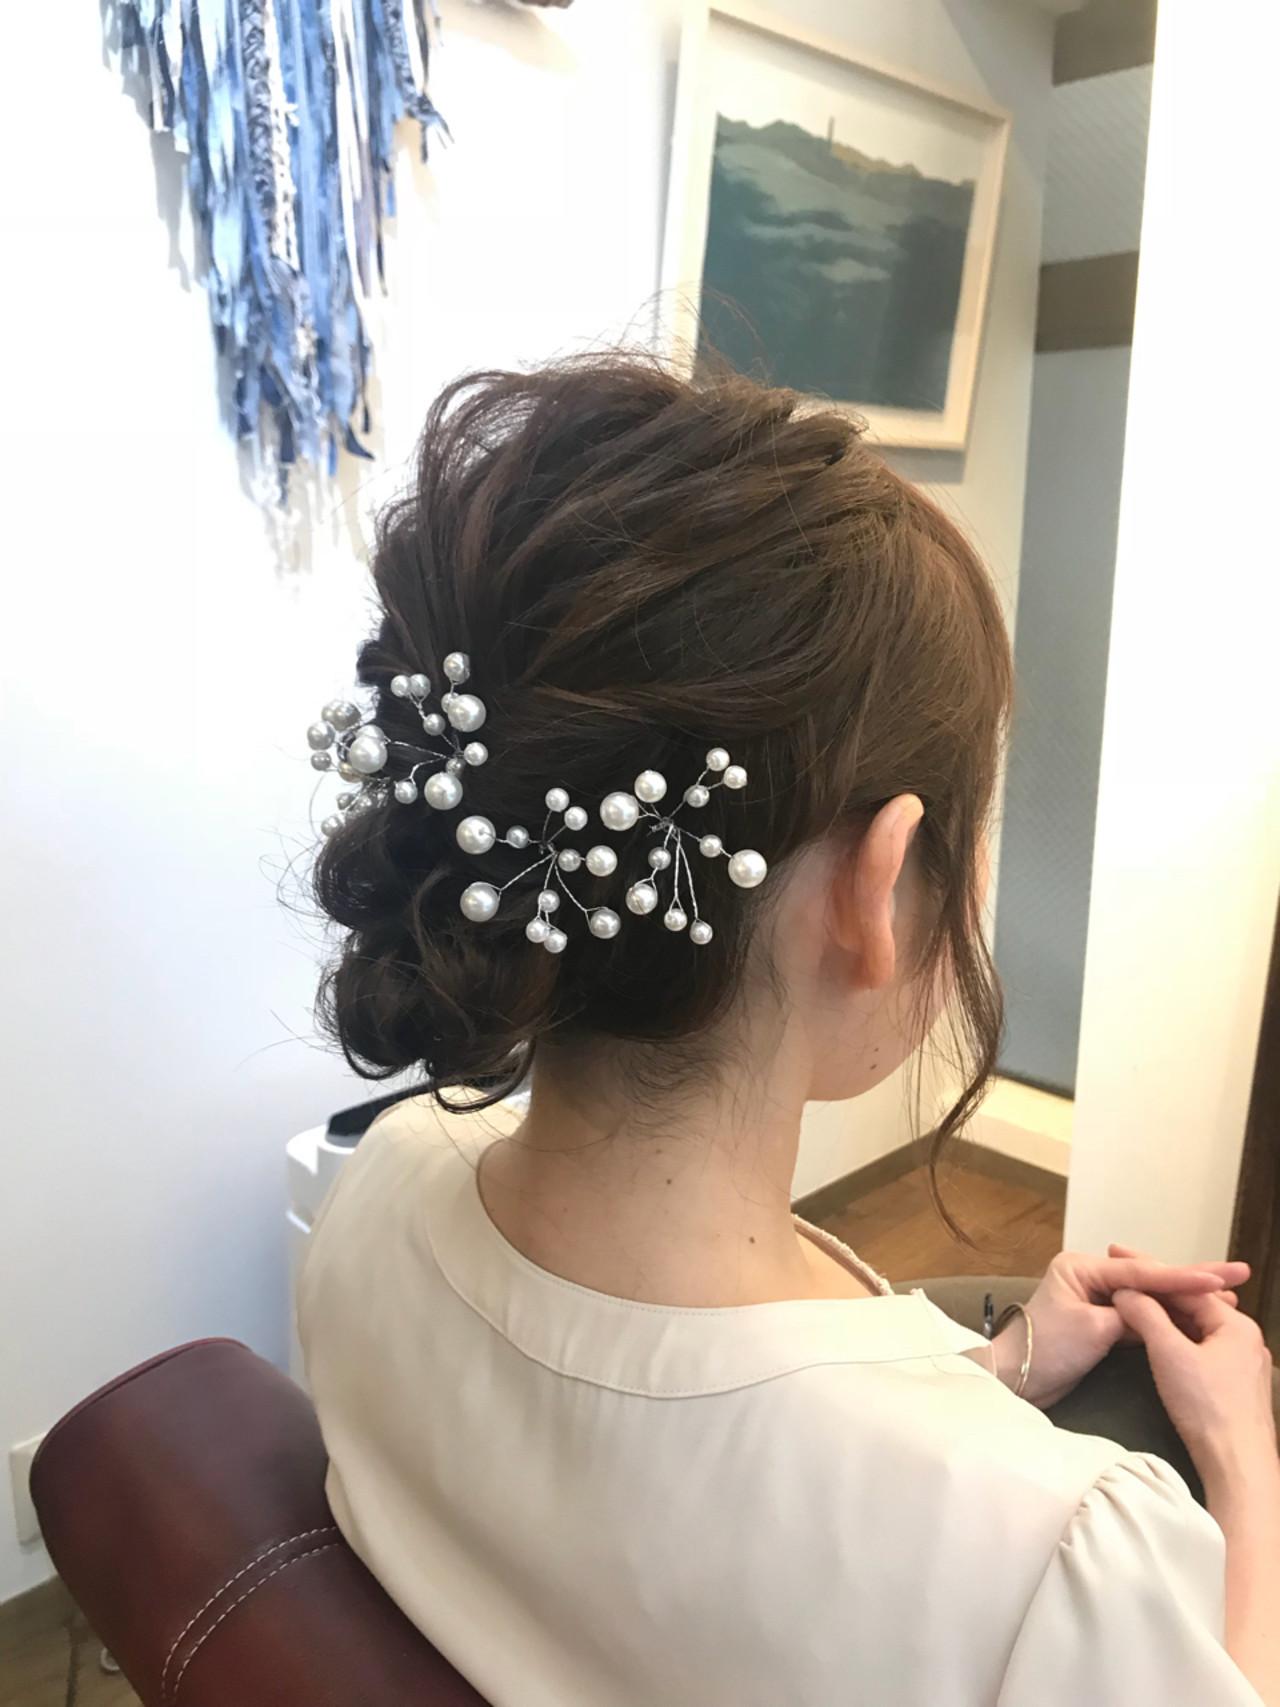 ウェーブ ヘアアレンジ ナチュラル セミロング ヘアスタイルや髪型の写真・画像